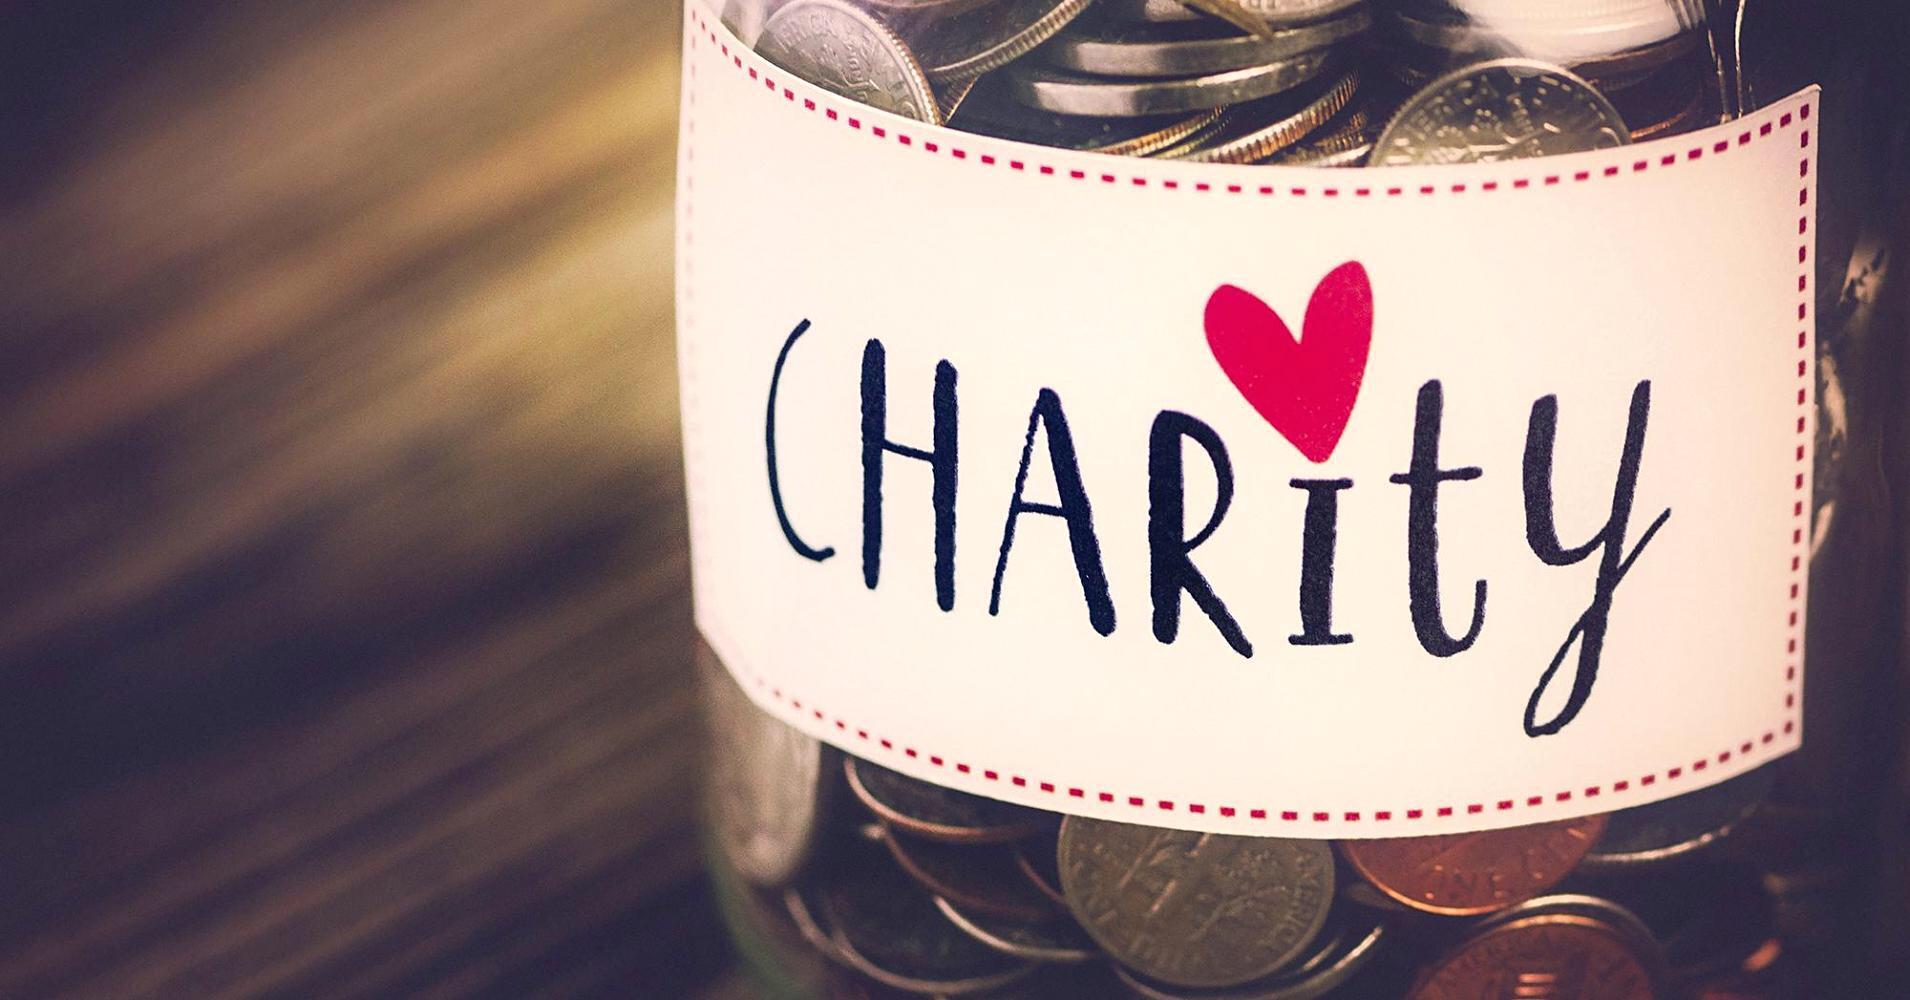 https://www.wilsonbrowne.co.uk/charity-obtained-legal-entity-identifier-lei/